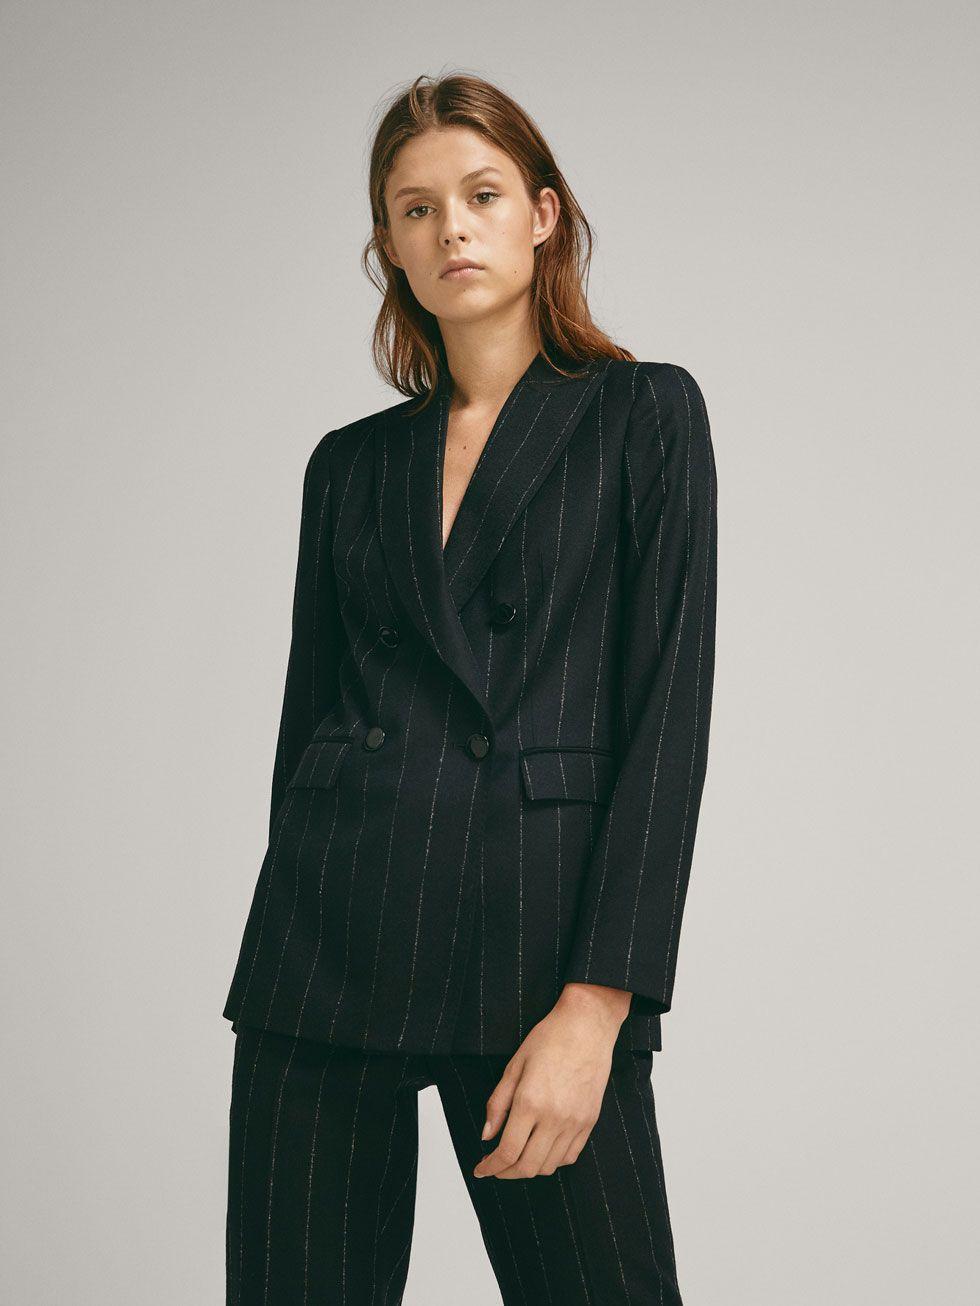 Blazers De Mujer Massimo Dutti Coleccion Primavera Verano 2018 Blazer Wool Blazer Blazers For Women